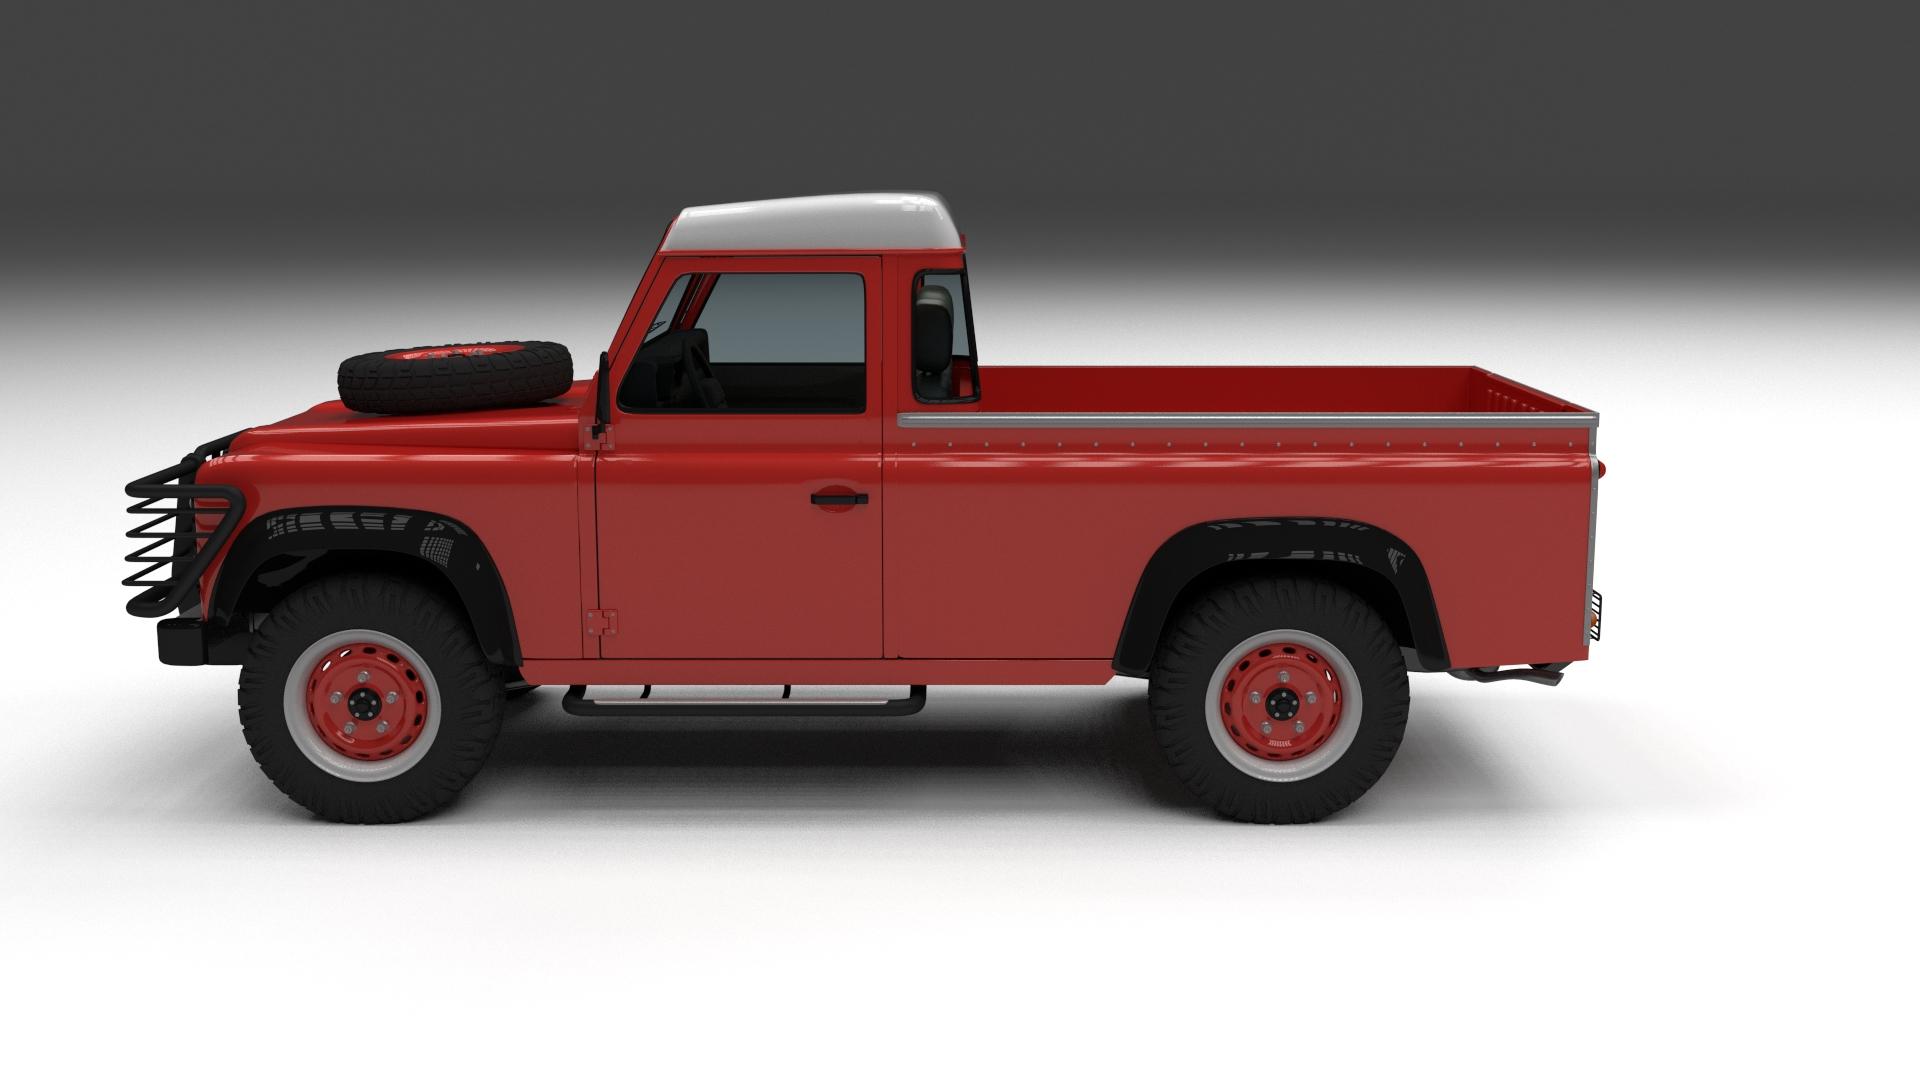 full land rover defender 110 pick up 3d model. Black Bedroom Furniture Sets. Home Design Ideas